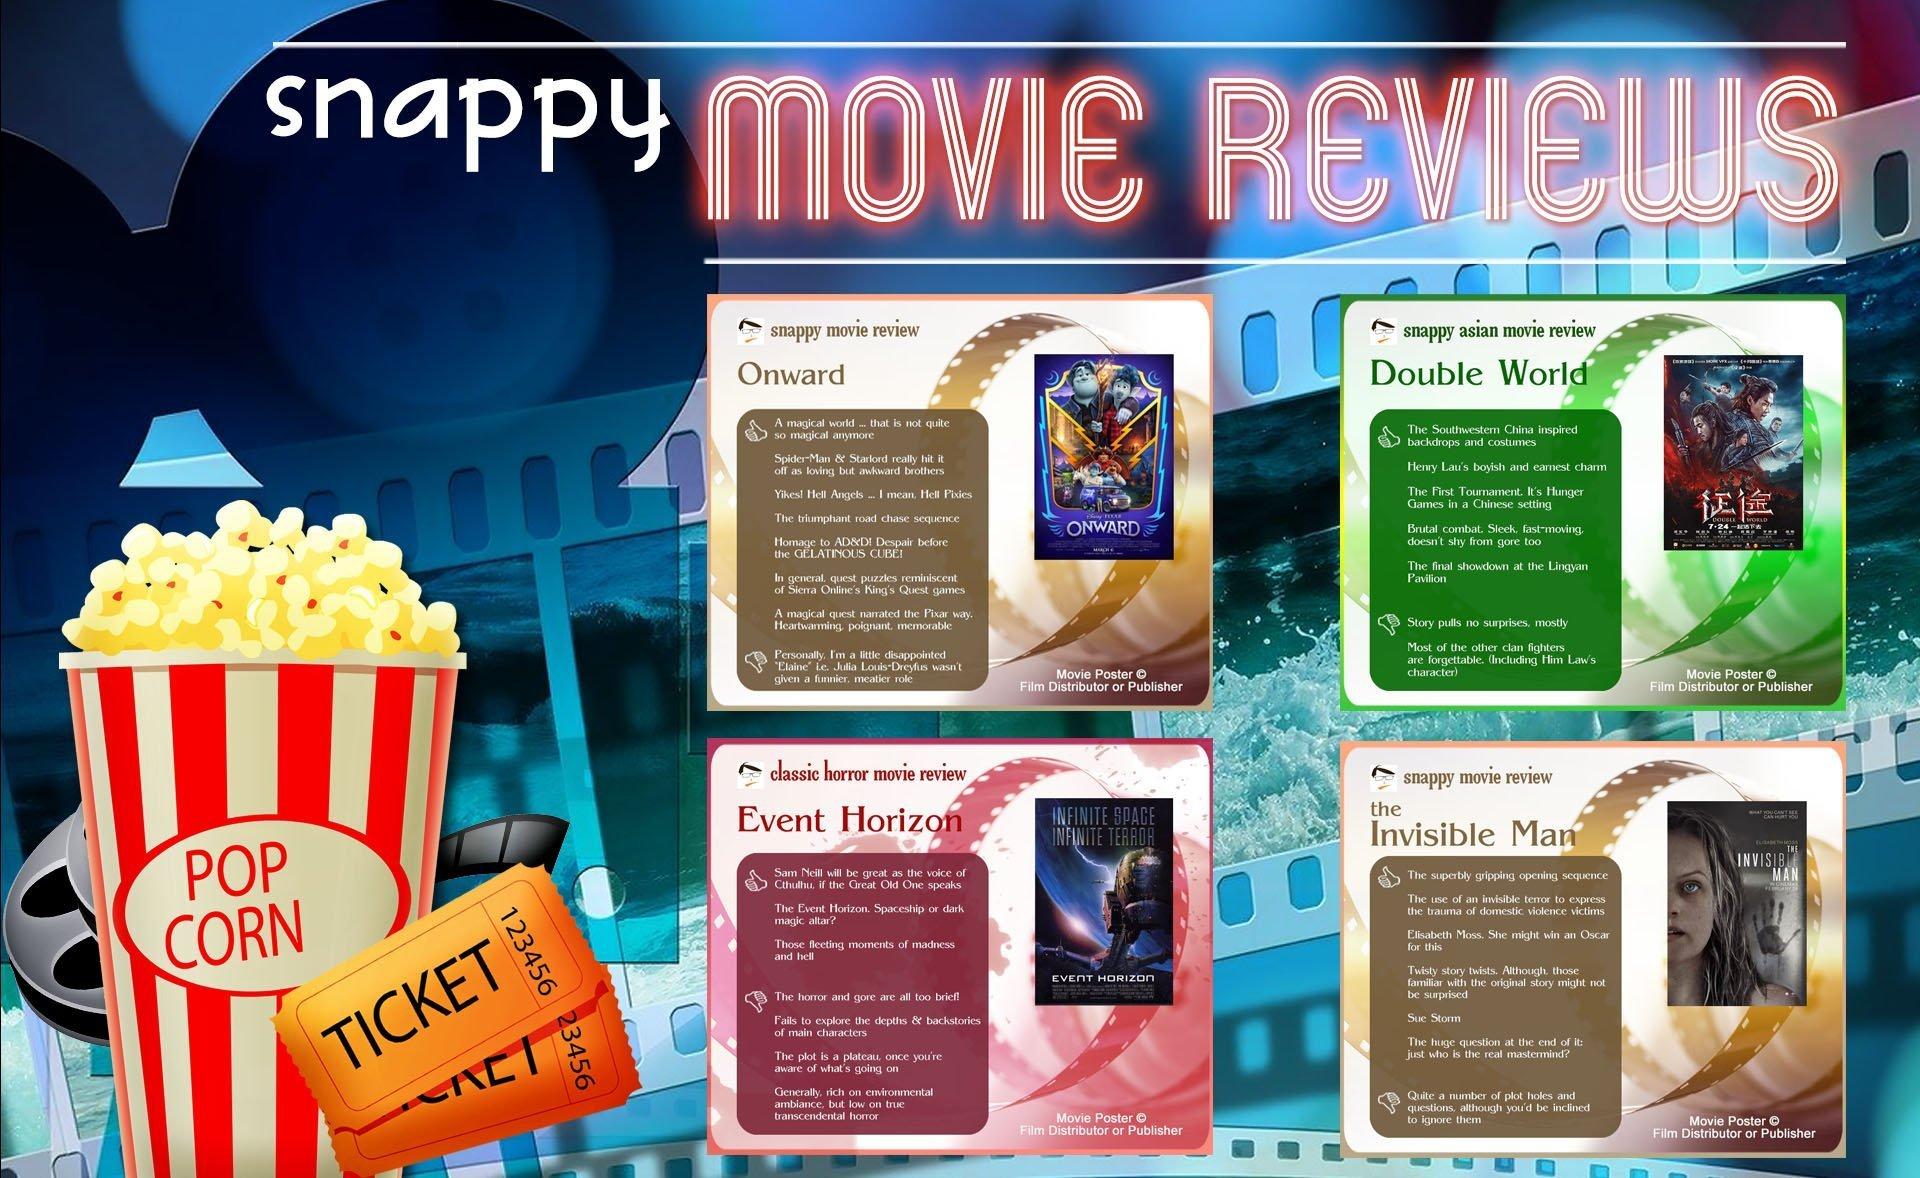 Snappy Movie Reviews 2020